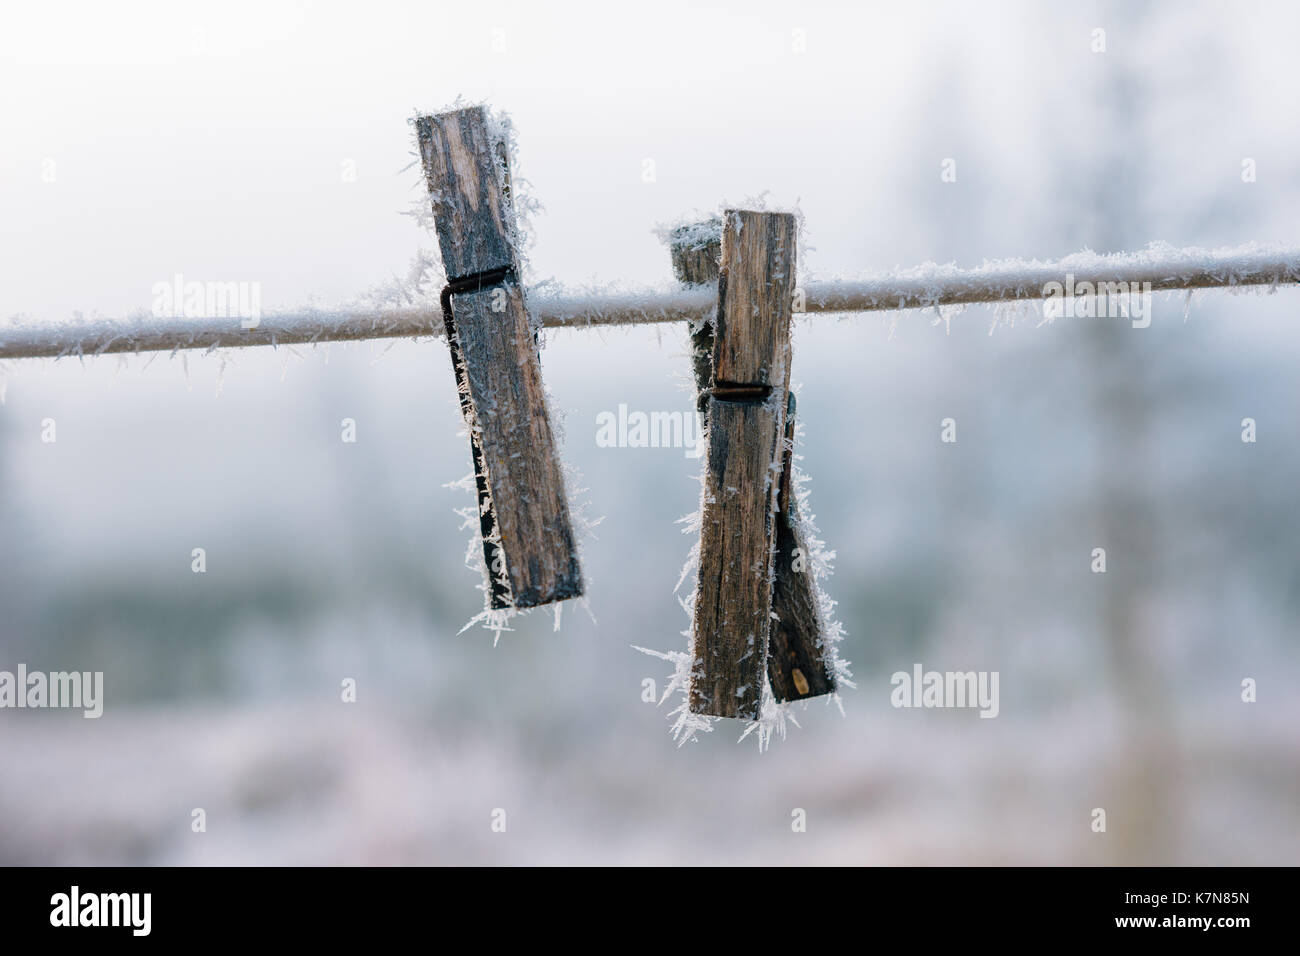 Zwei Wäscheklammern mit Frost im Freien auf einer Linie abgedeckt Stockbild